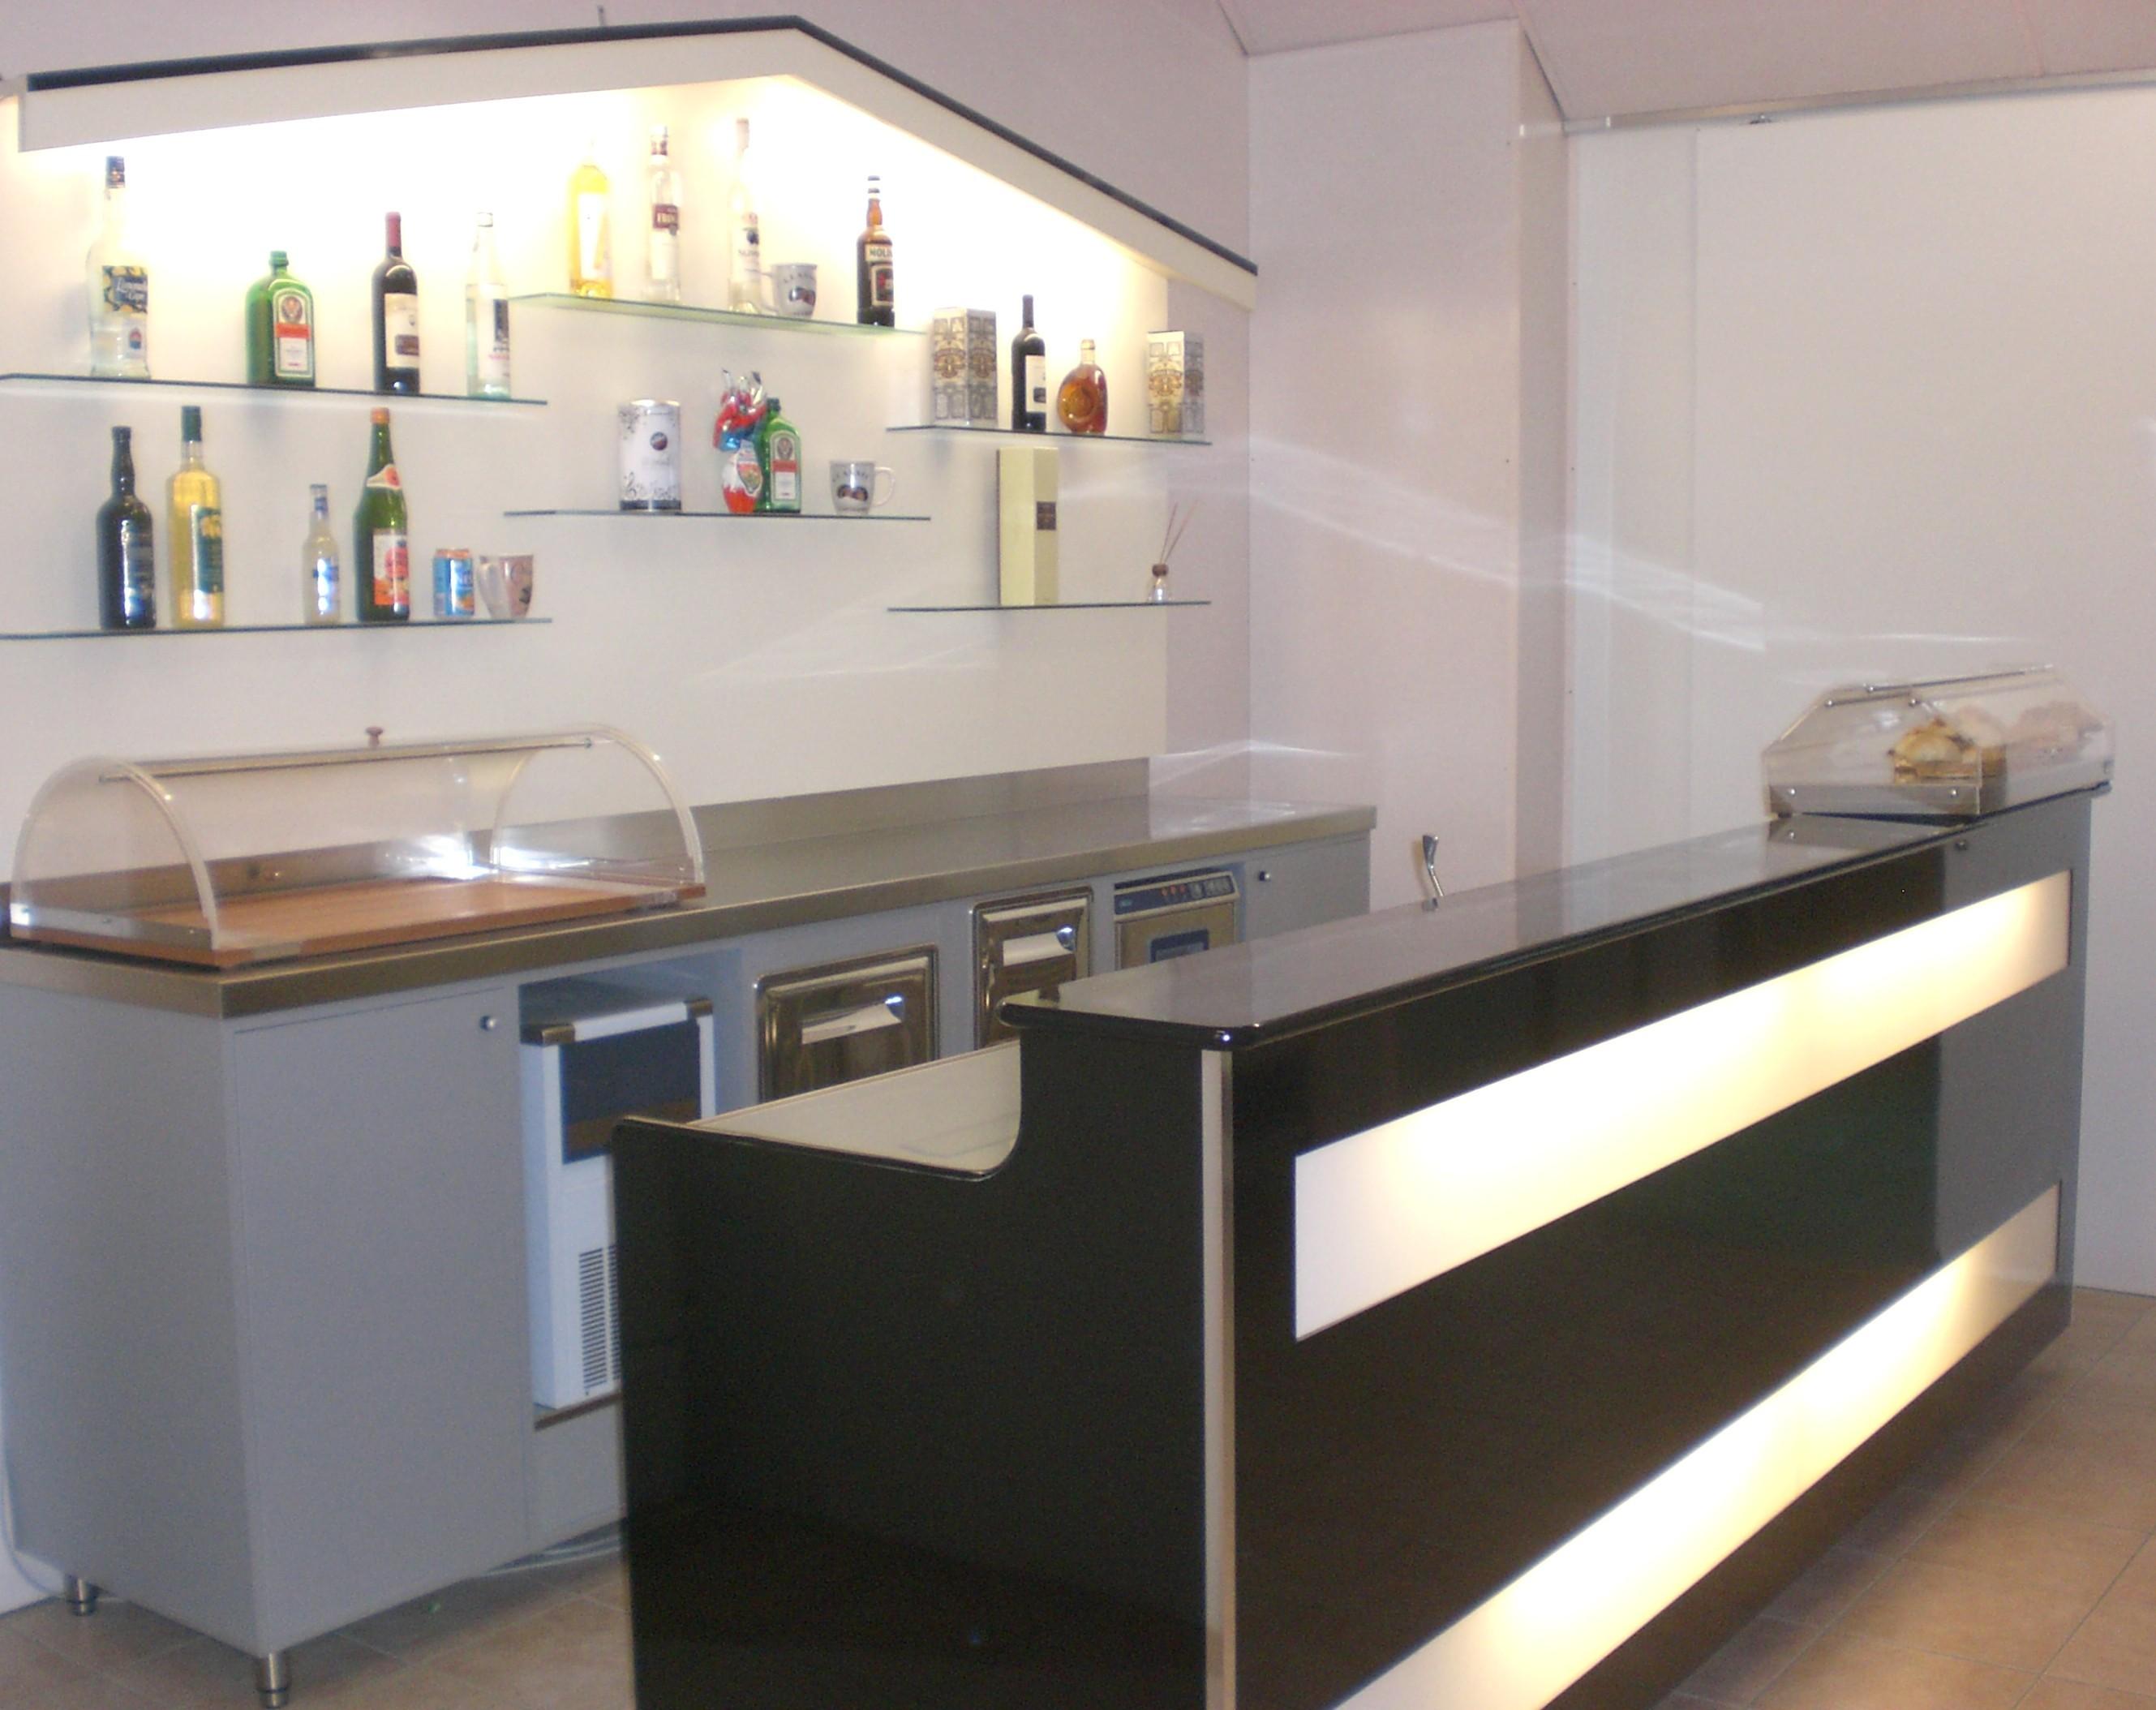 Bancone bar dimensioni trattamento marmo cucina for Banconi bar usati roma